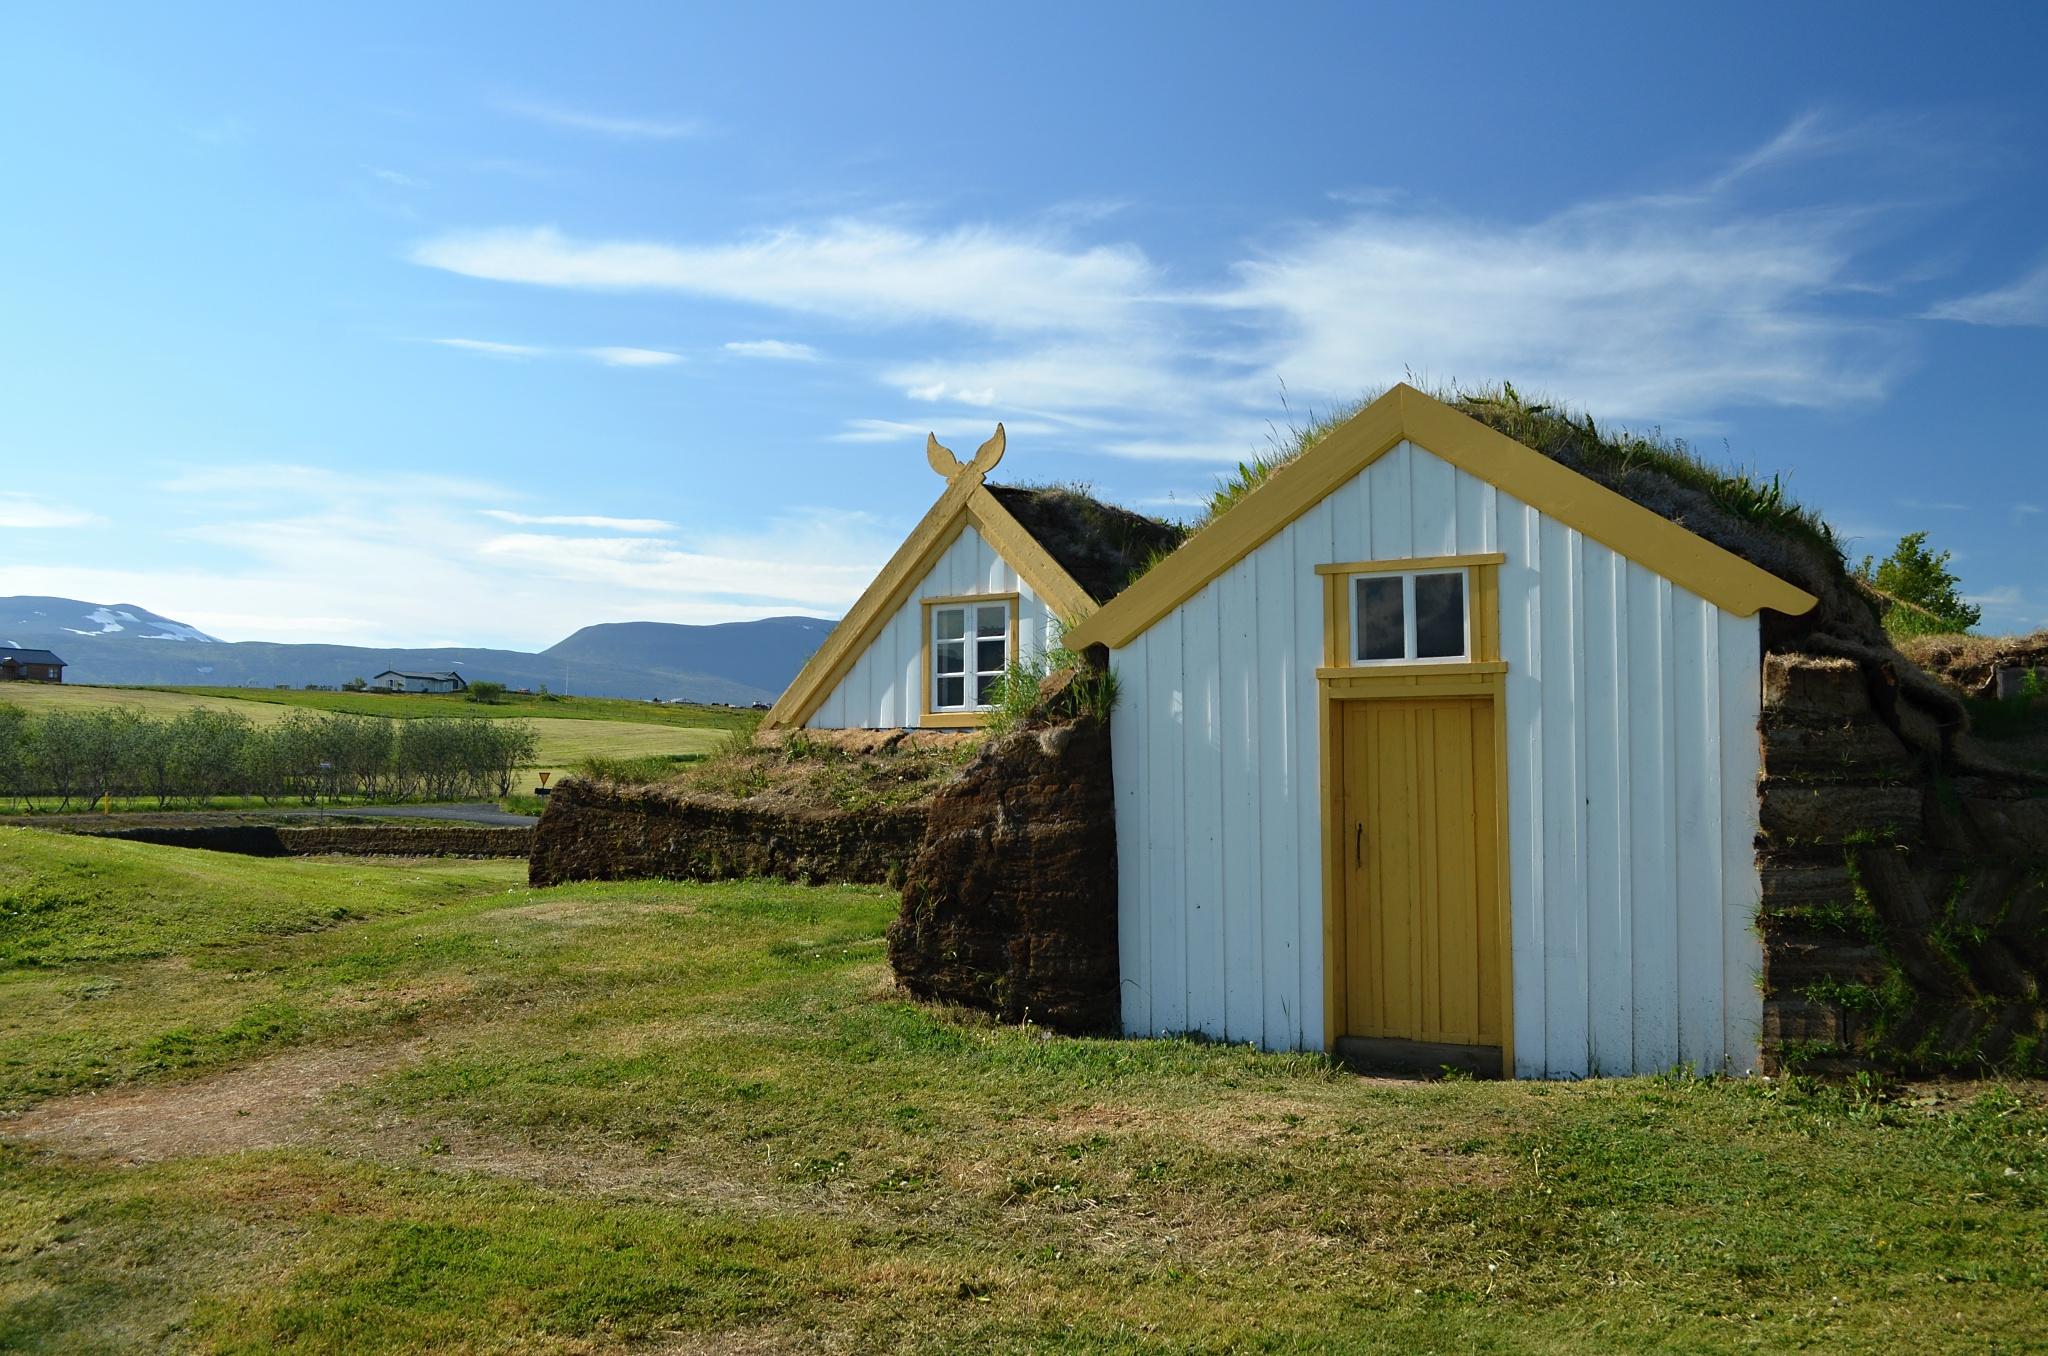 Stará farma z 19. století Glaumbær